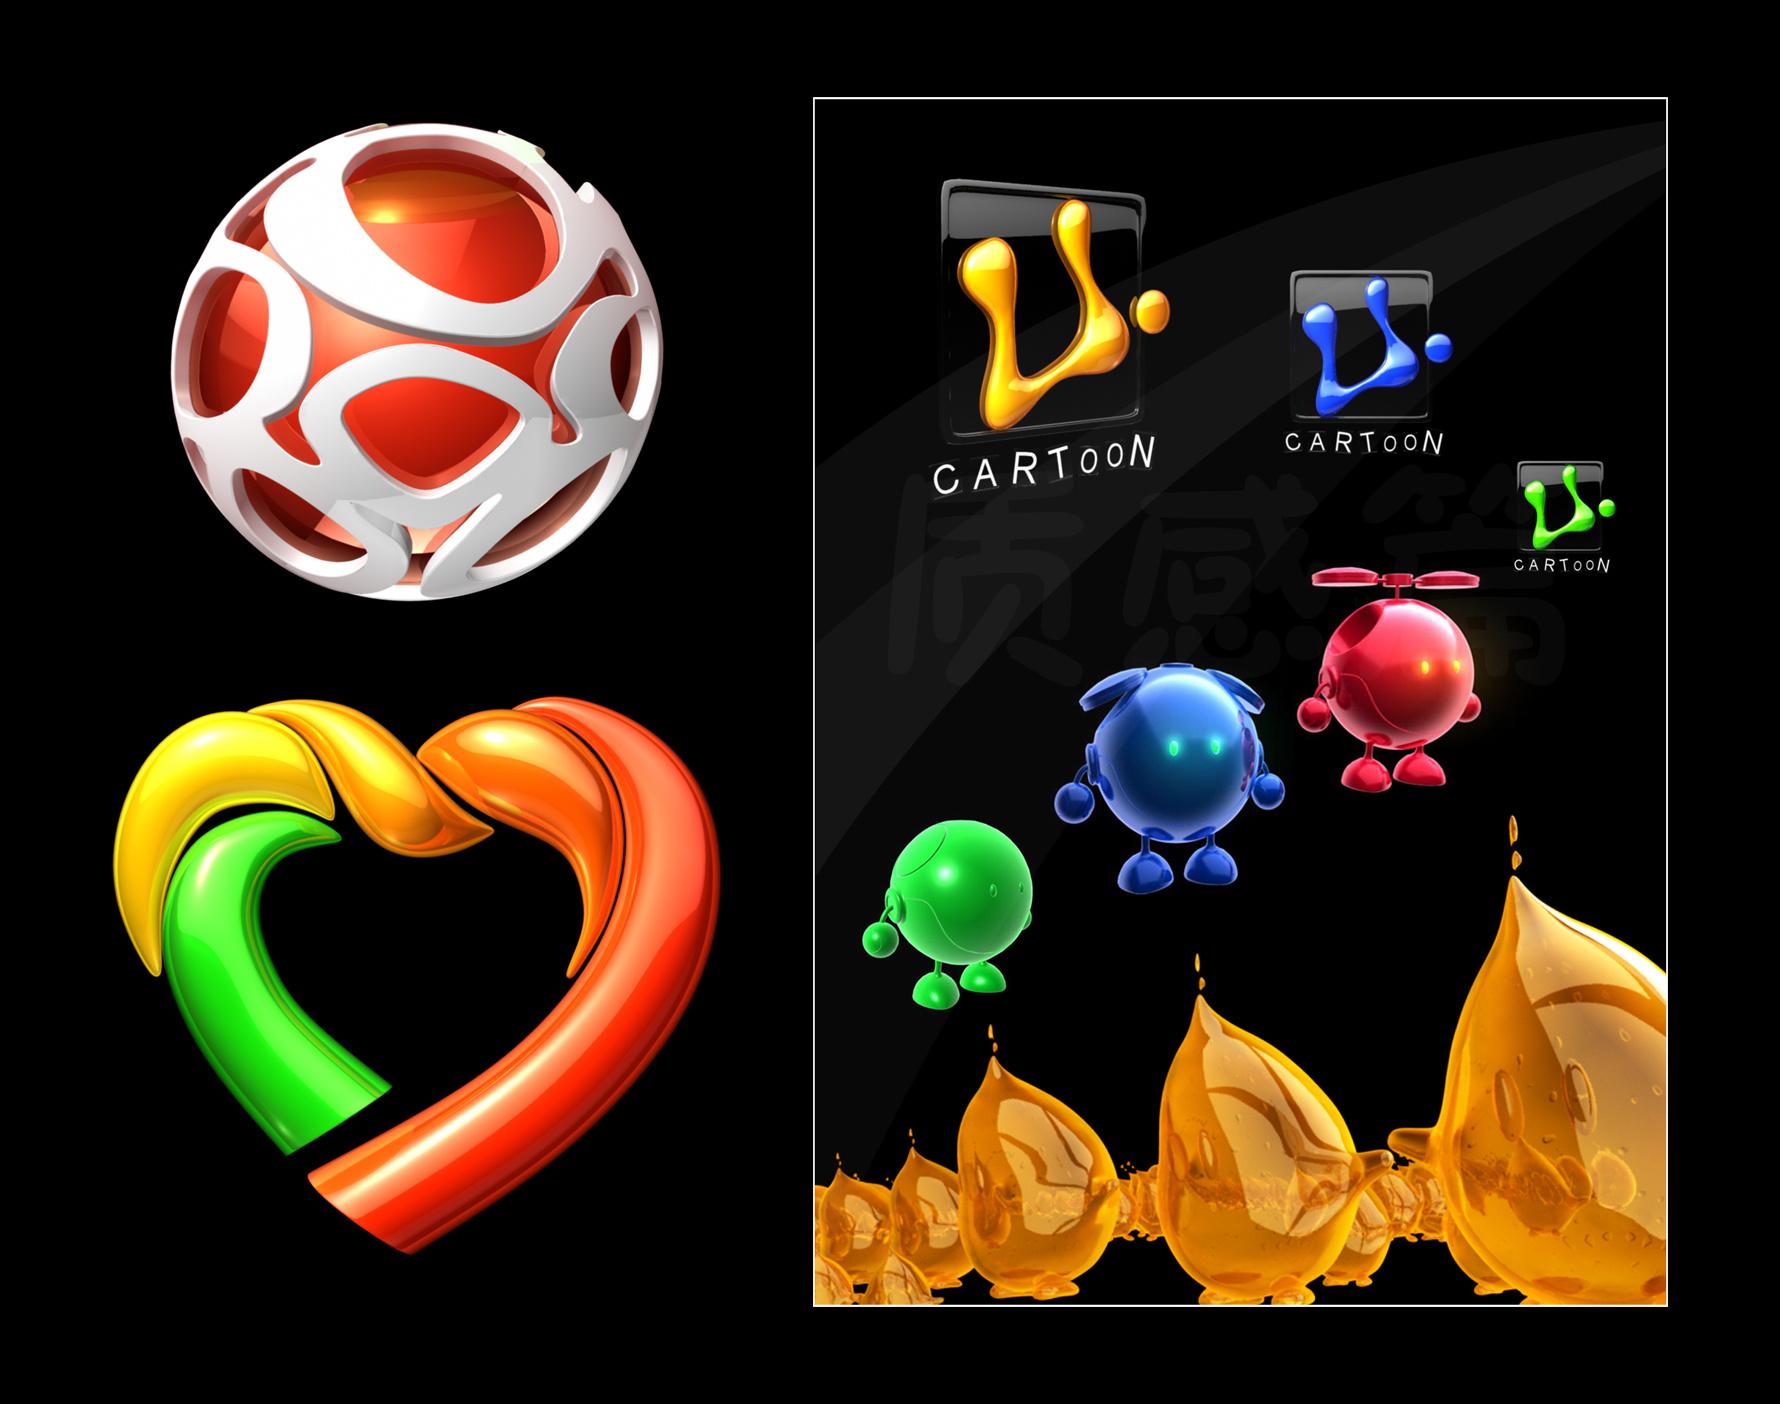 logo|三维|动画/影视|双升小双 - 原创作品 - 站酷图片